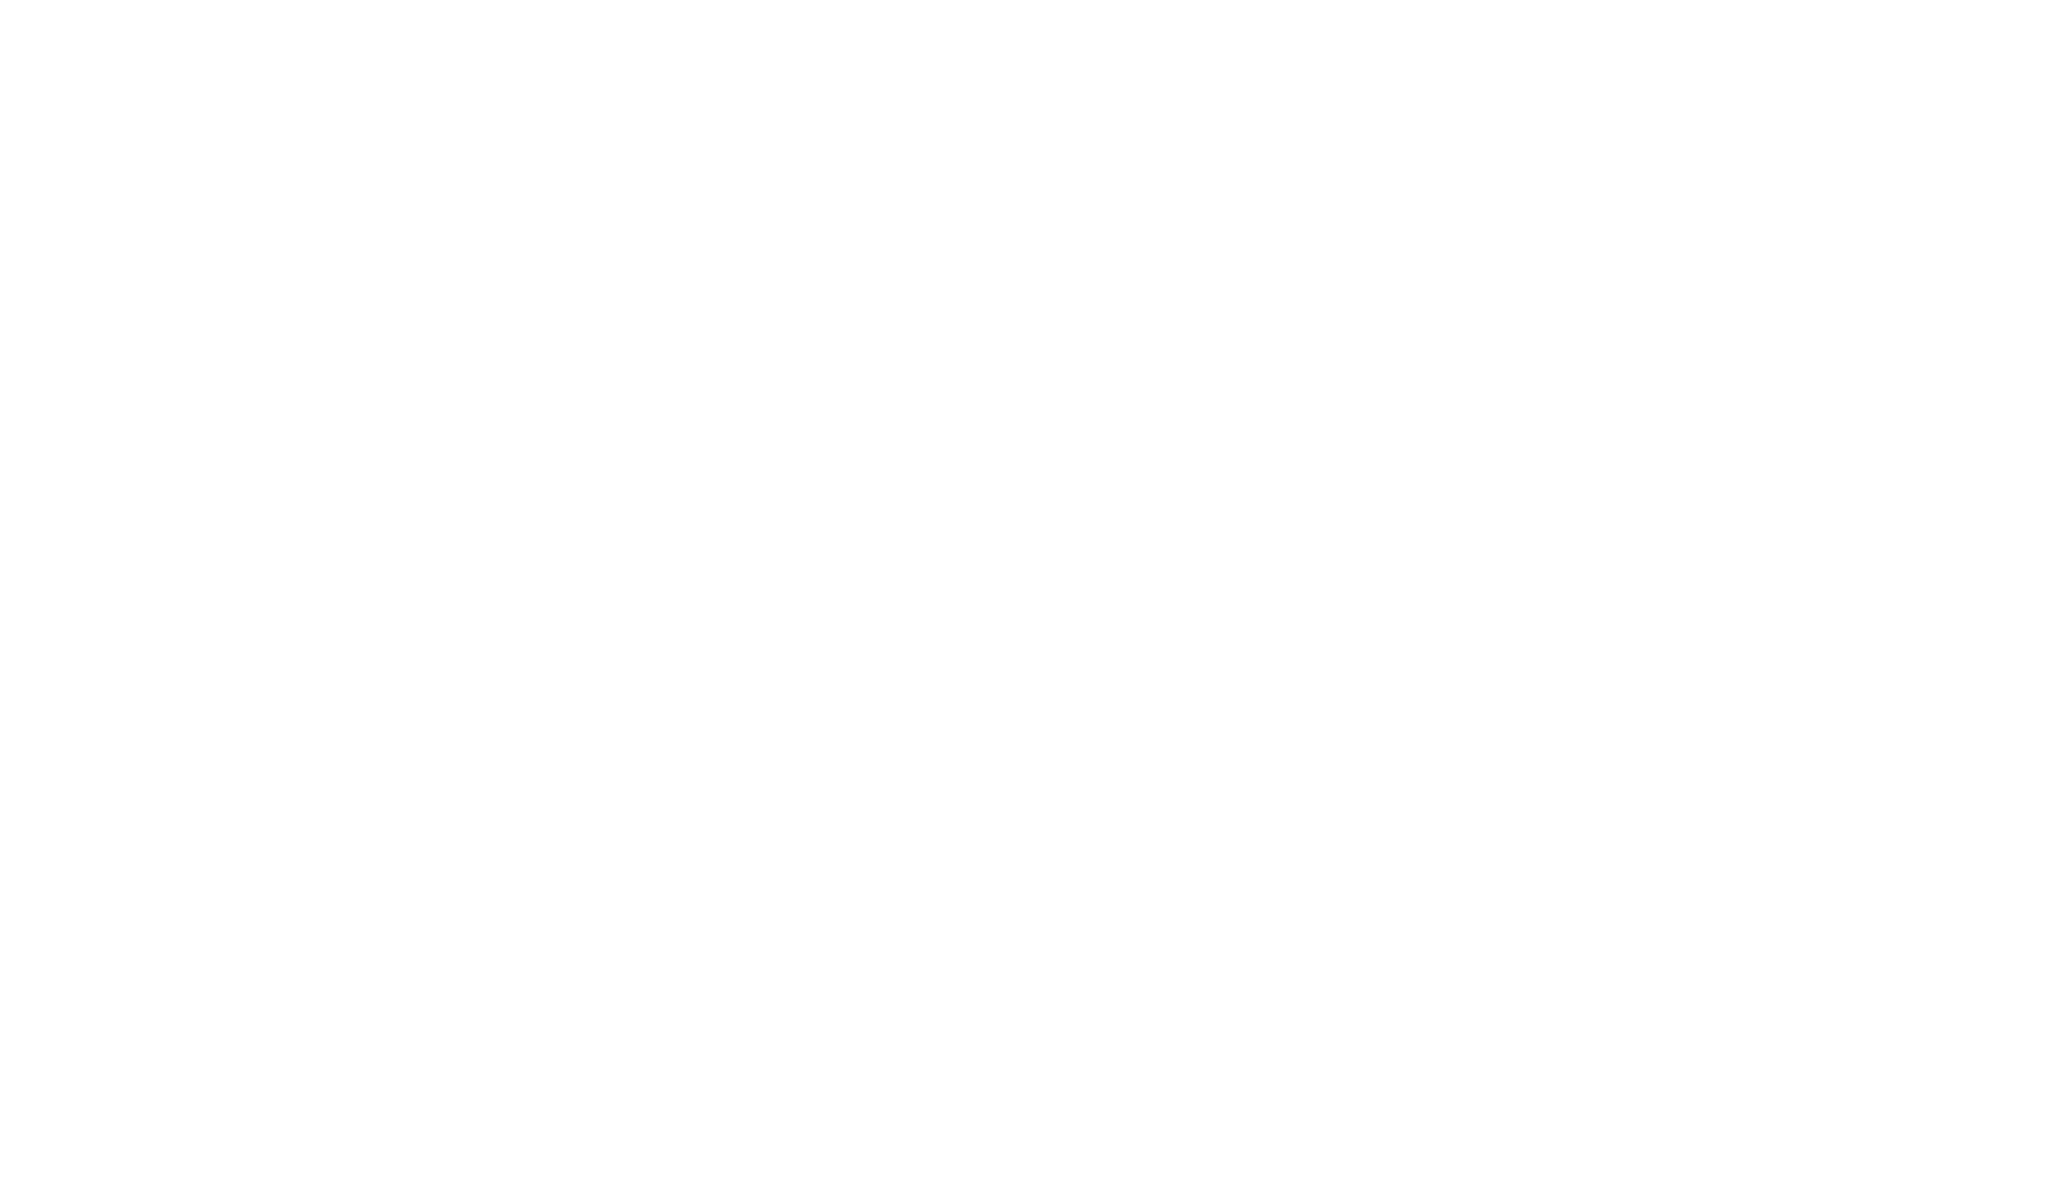 HPR EMPREENDIMENTOS IMOBILIARIOS LTDA